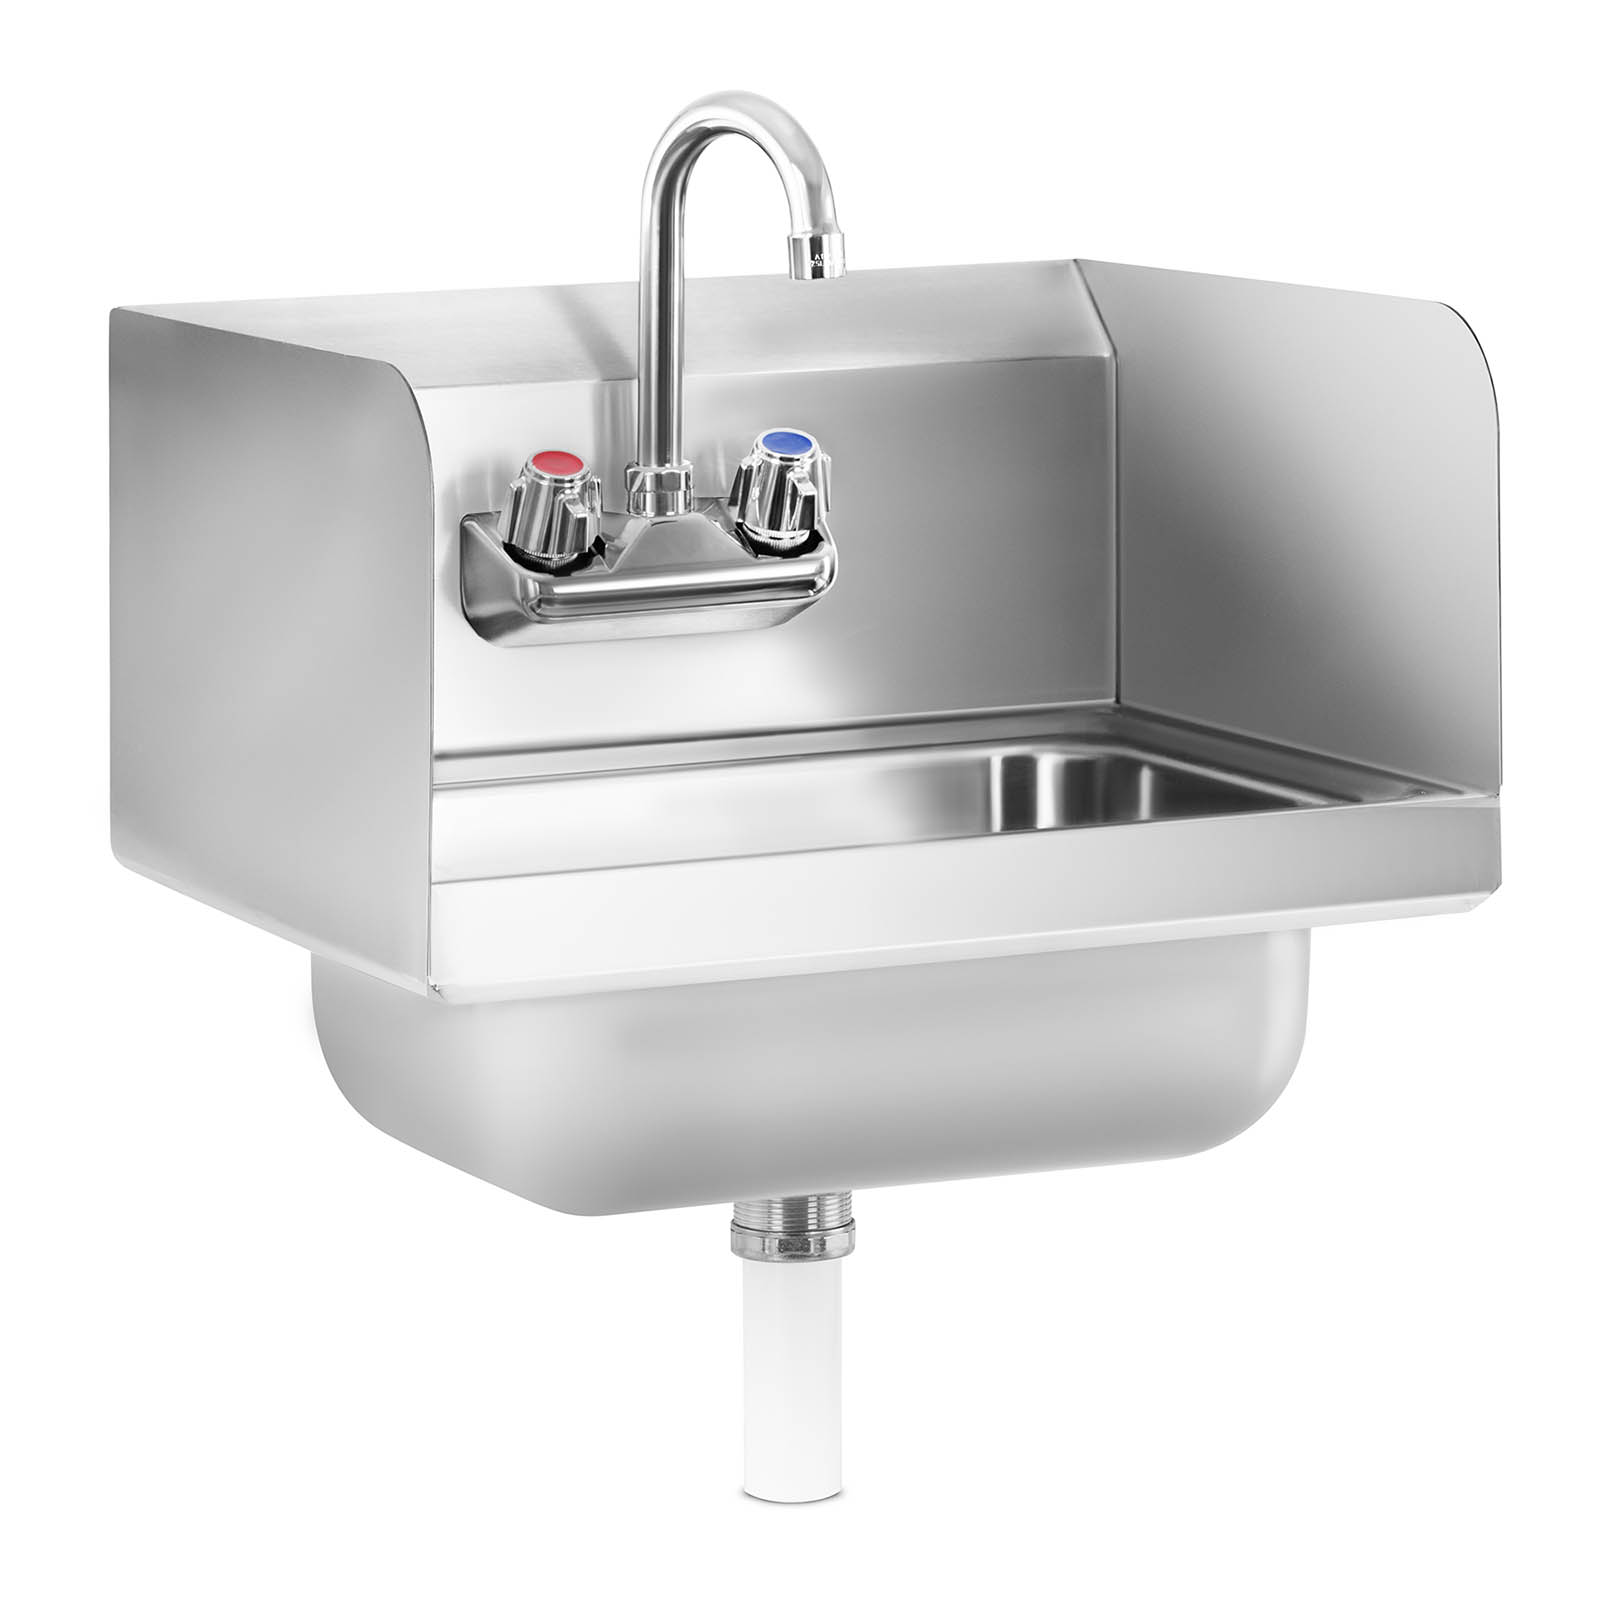 gastro handwaschbecken waschbecken edelstahl edelstahlsp le 3 seitige aufkantung ebay. Black Bedroom Furniture Sets. Home Design Ideas